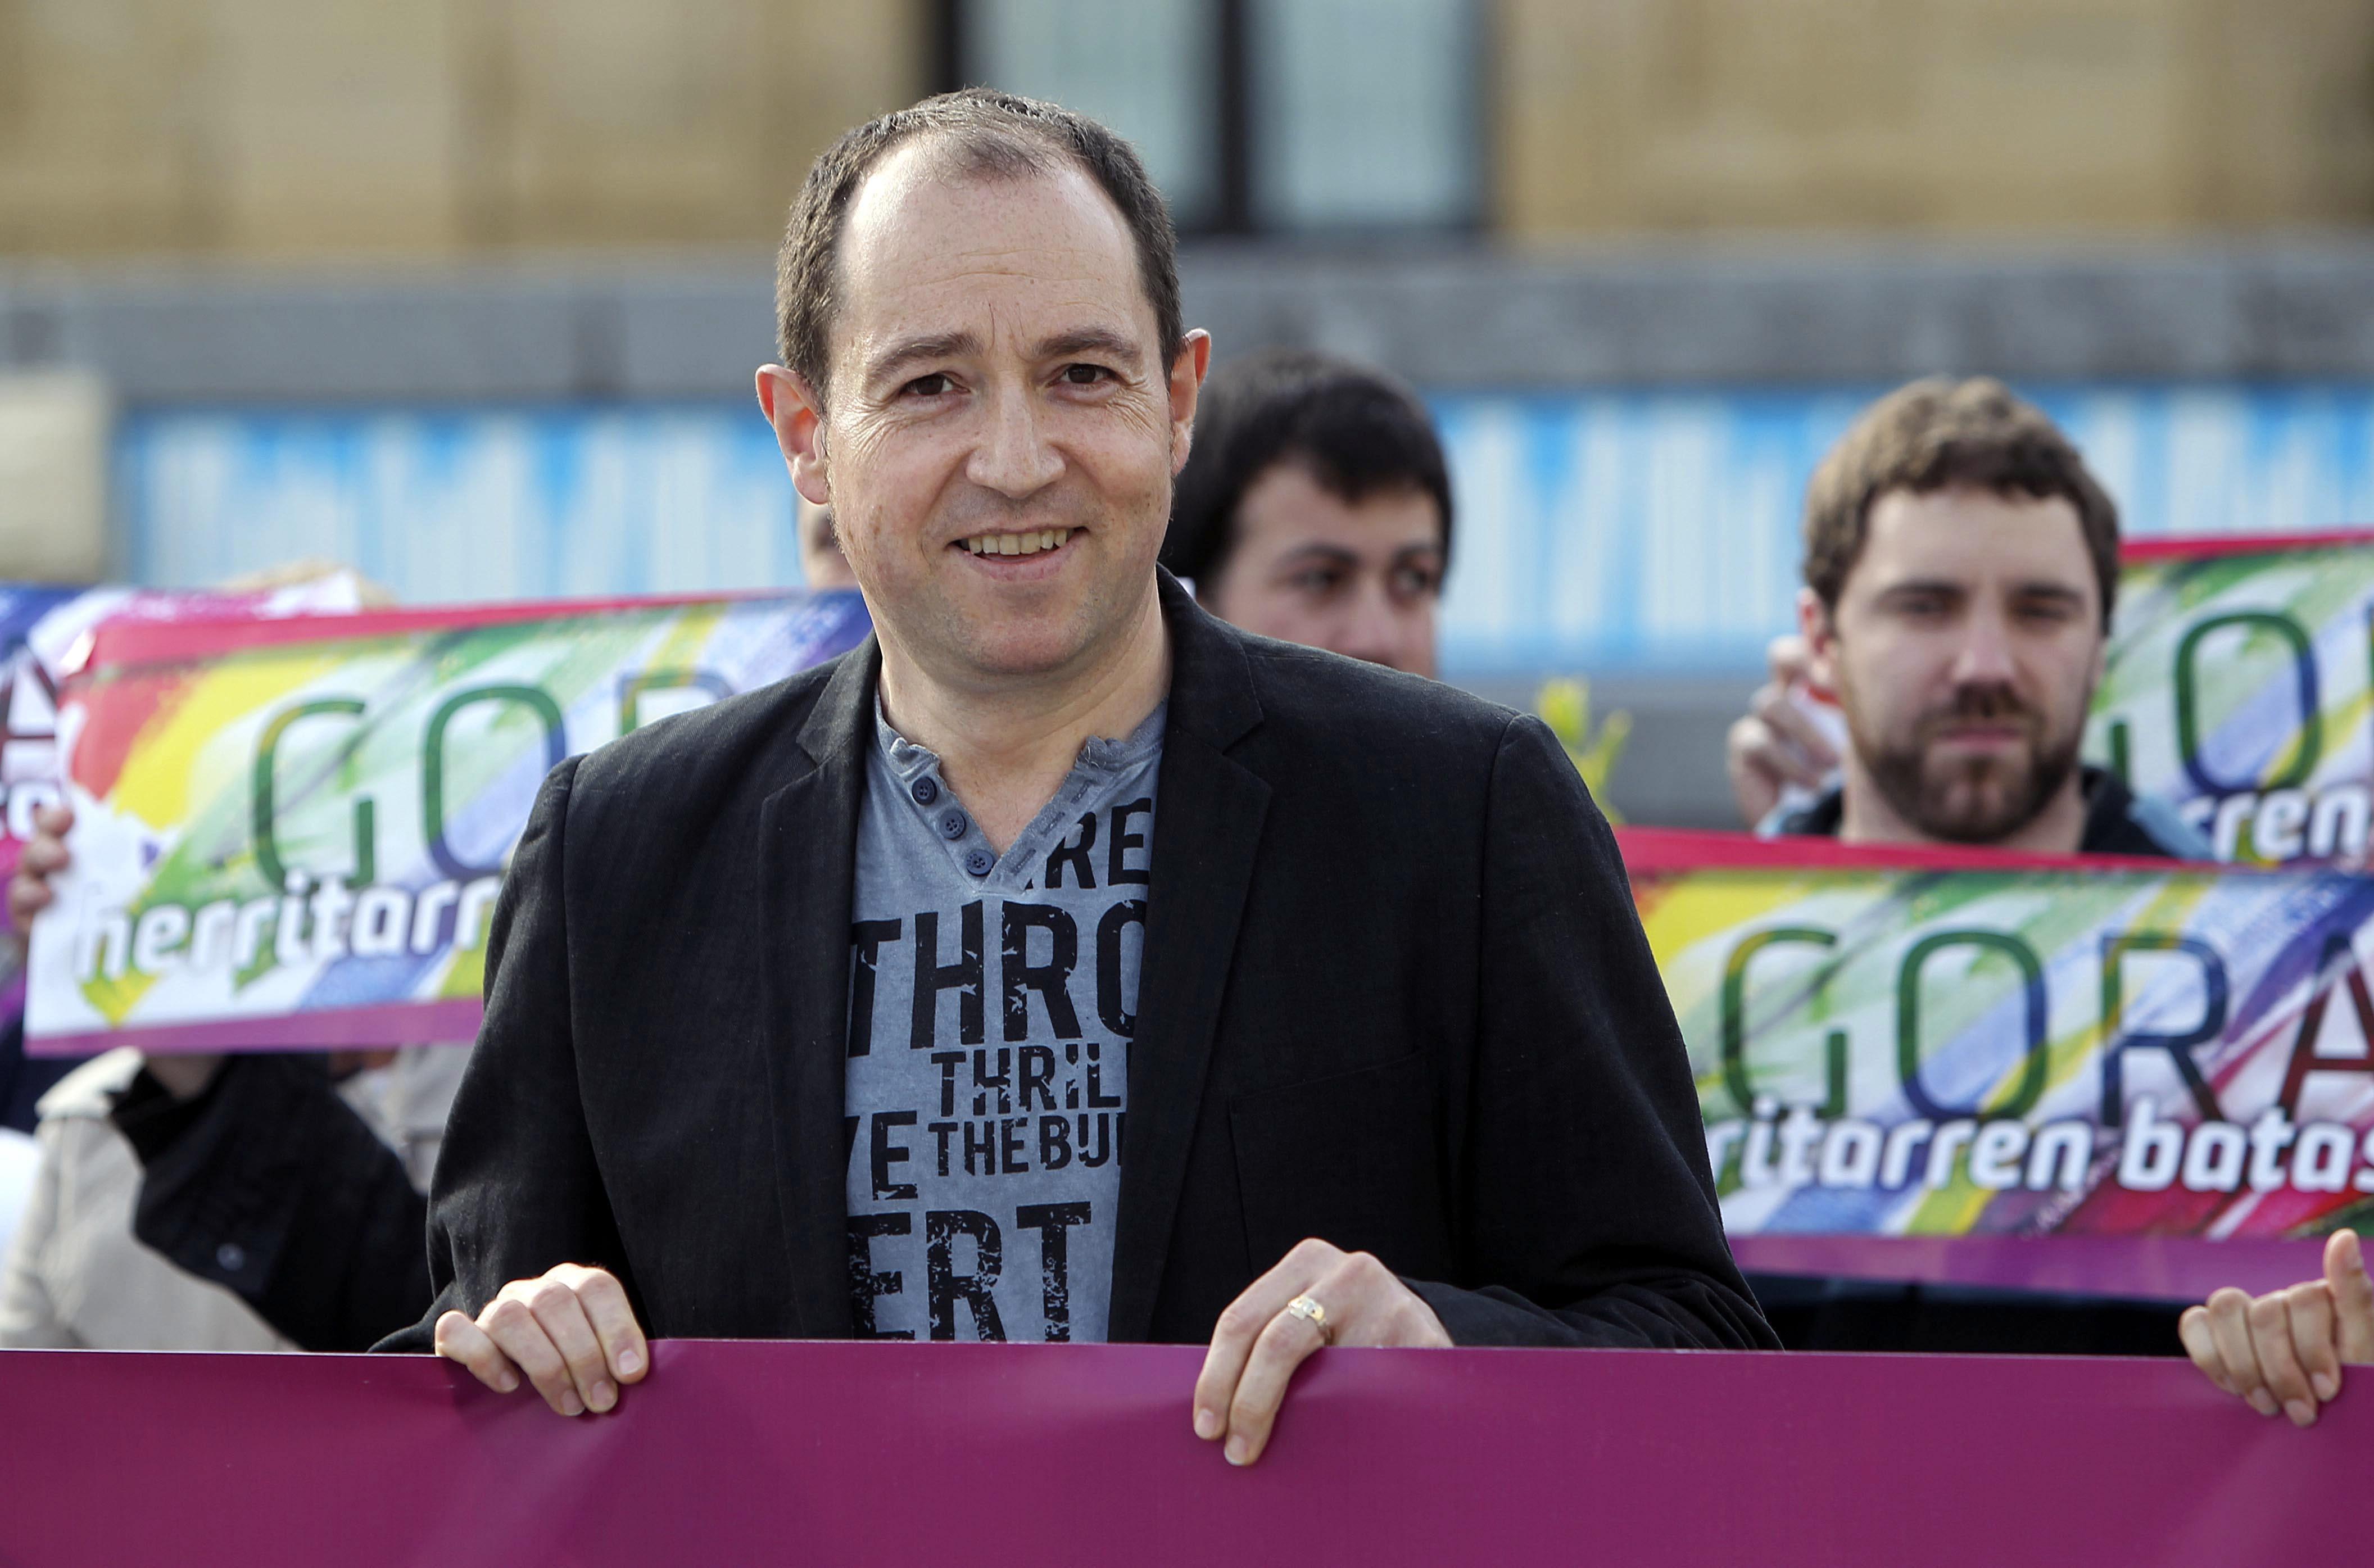 Sortu rechaza las detenciones y acusa a Francia de «seguir la estela de irresponsabilidad» de España